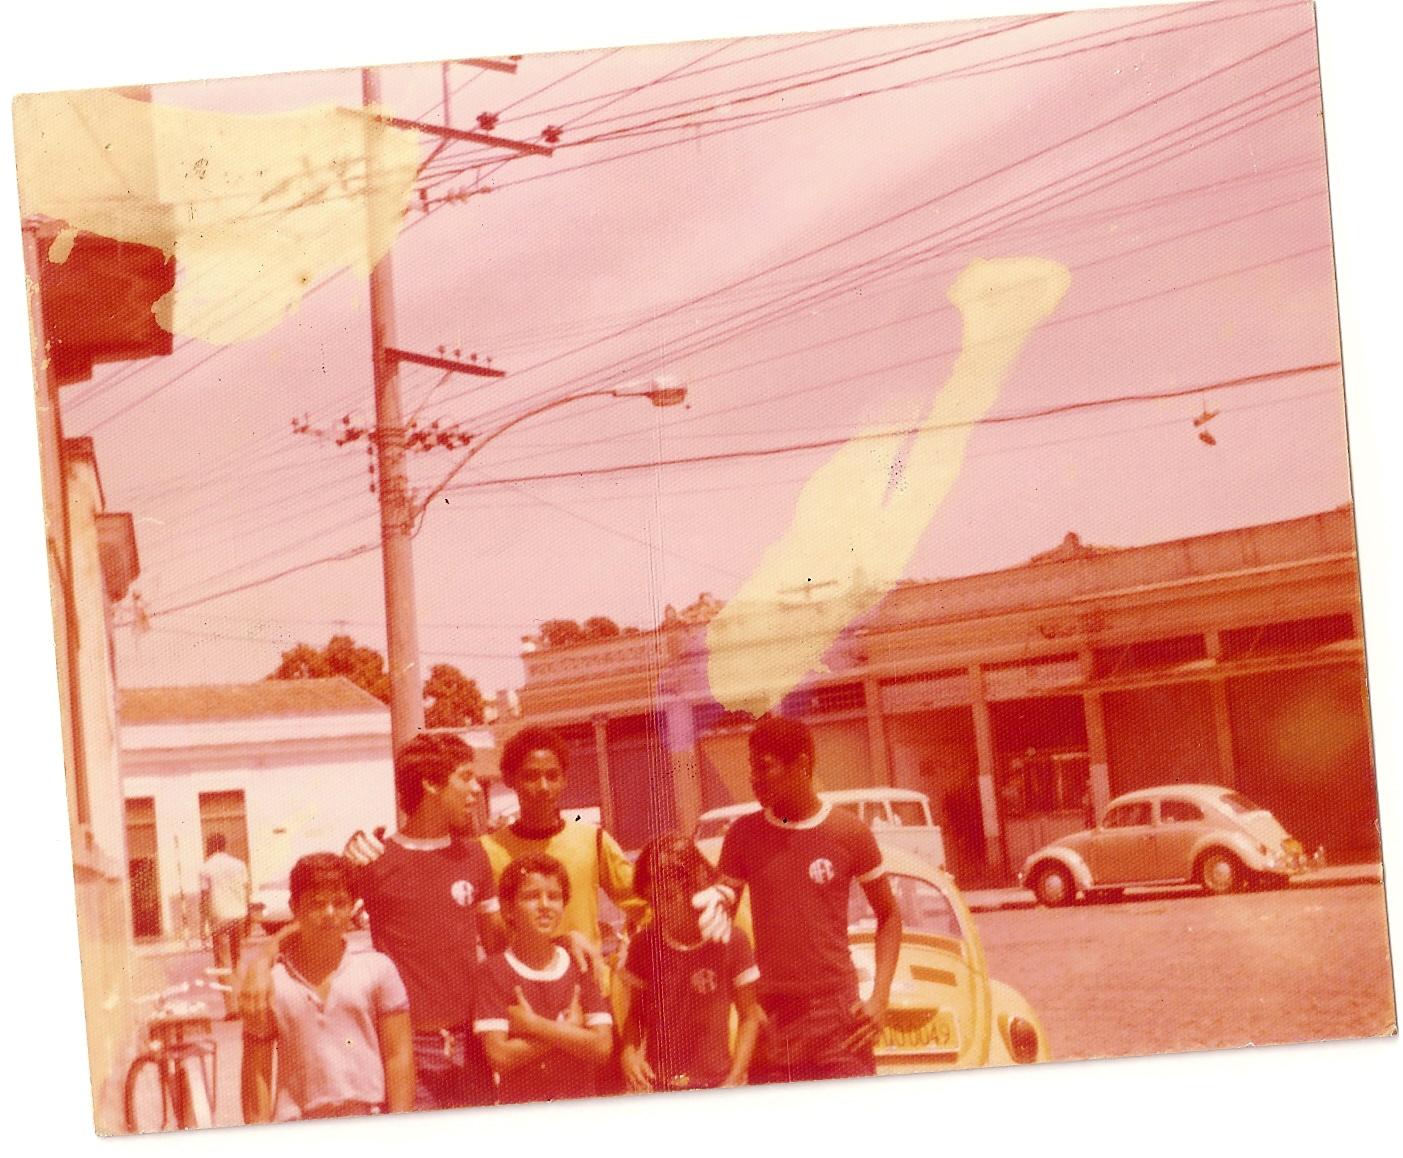 O segundo da direita para a esquerda, Serginho5Bocas passou a infãncia jogando bola na rua com os amigos